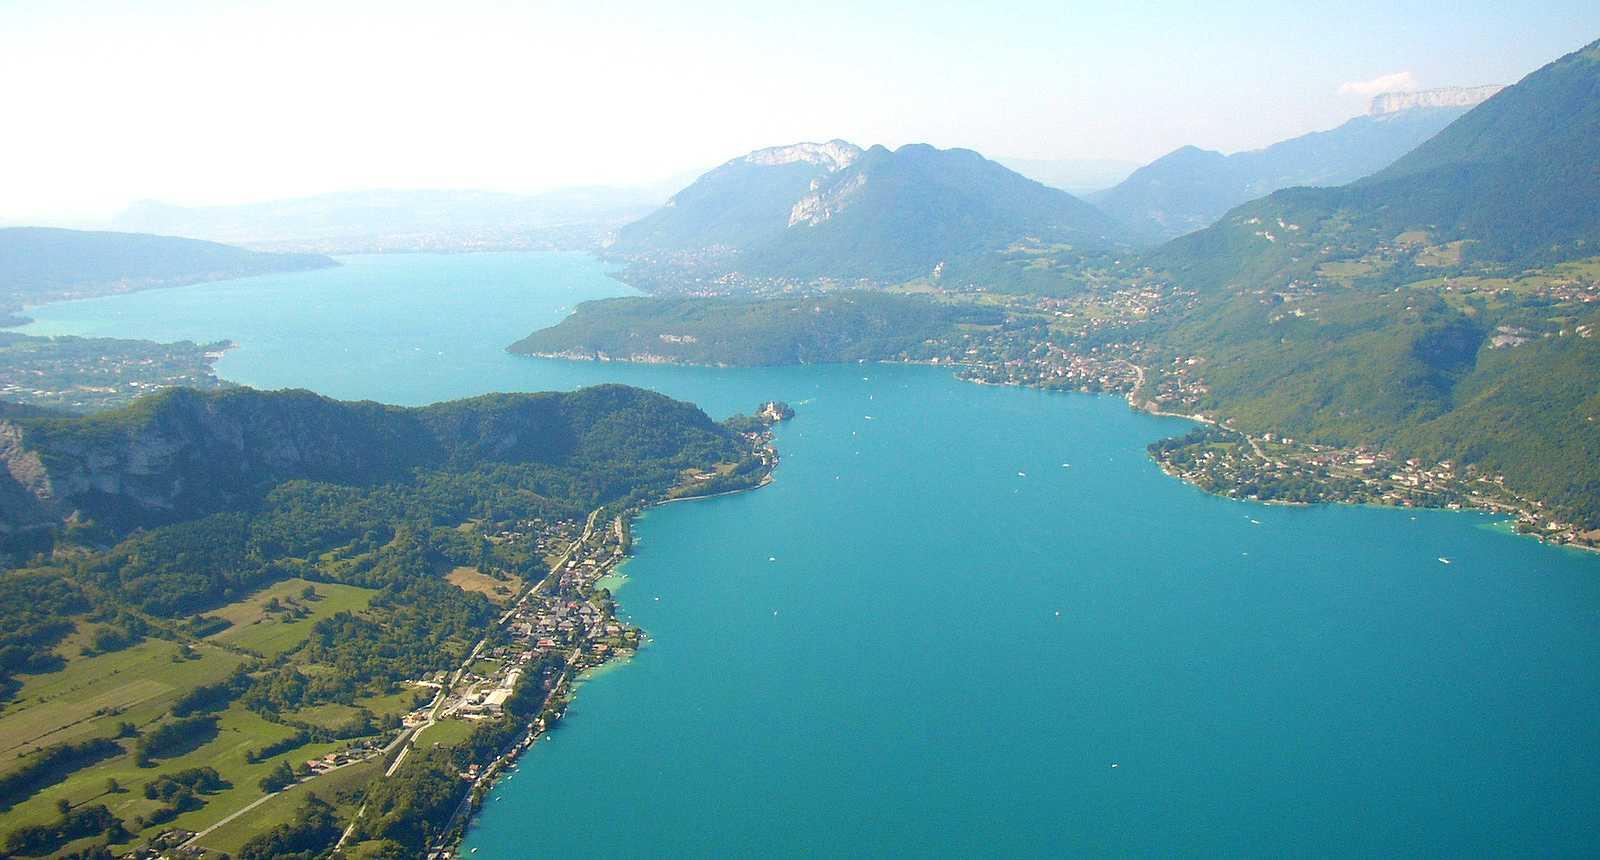 Vue aérienne du Lac d'Annecy